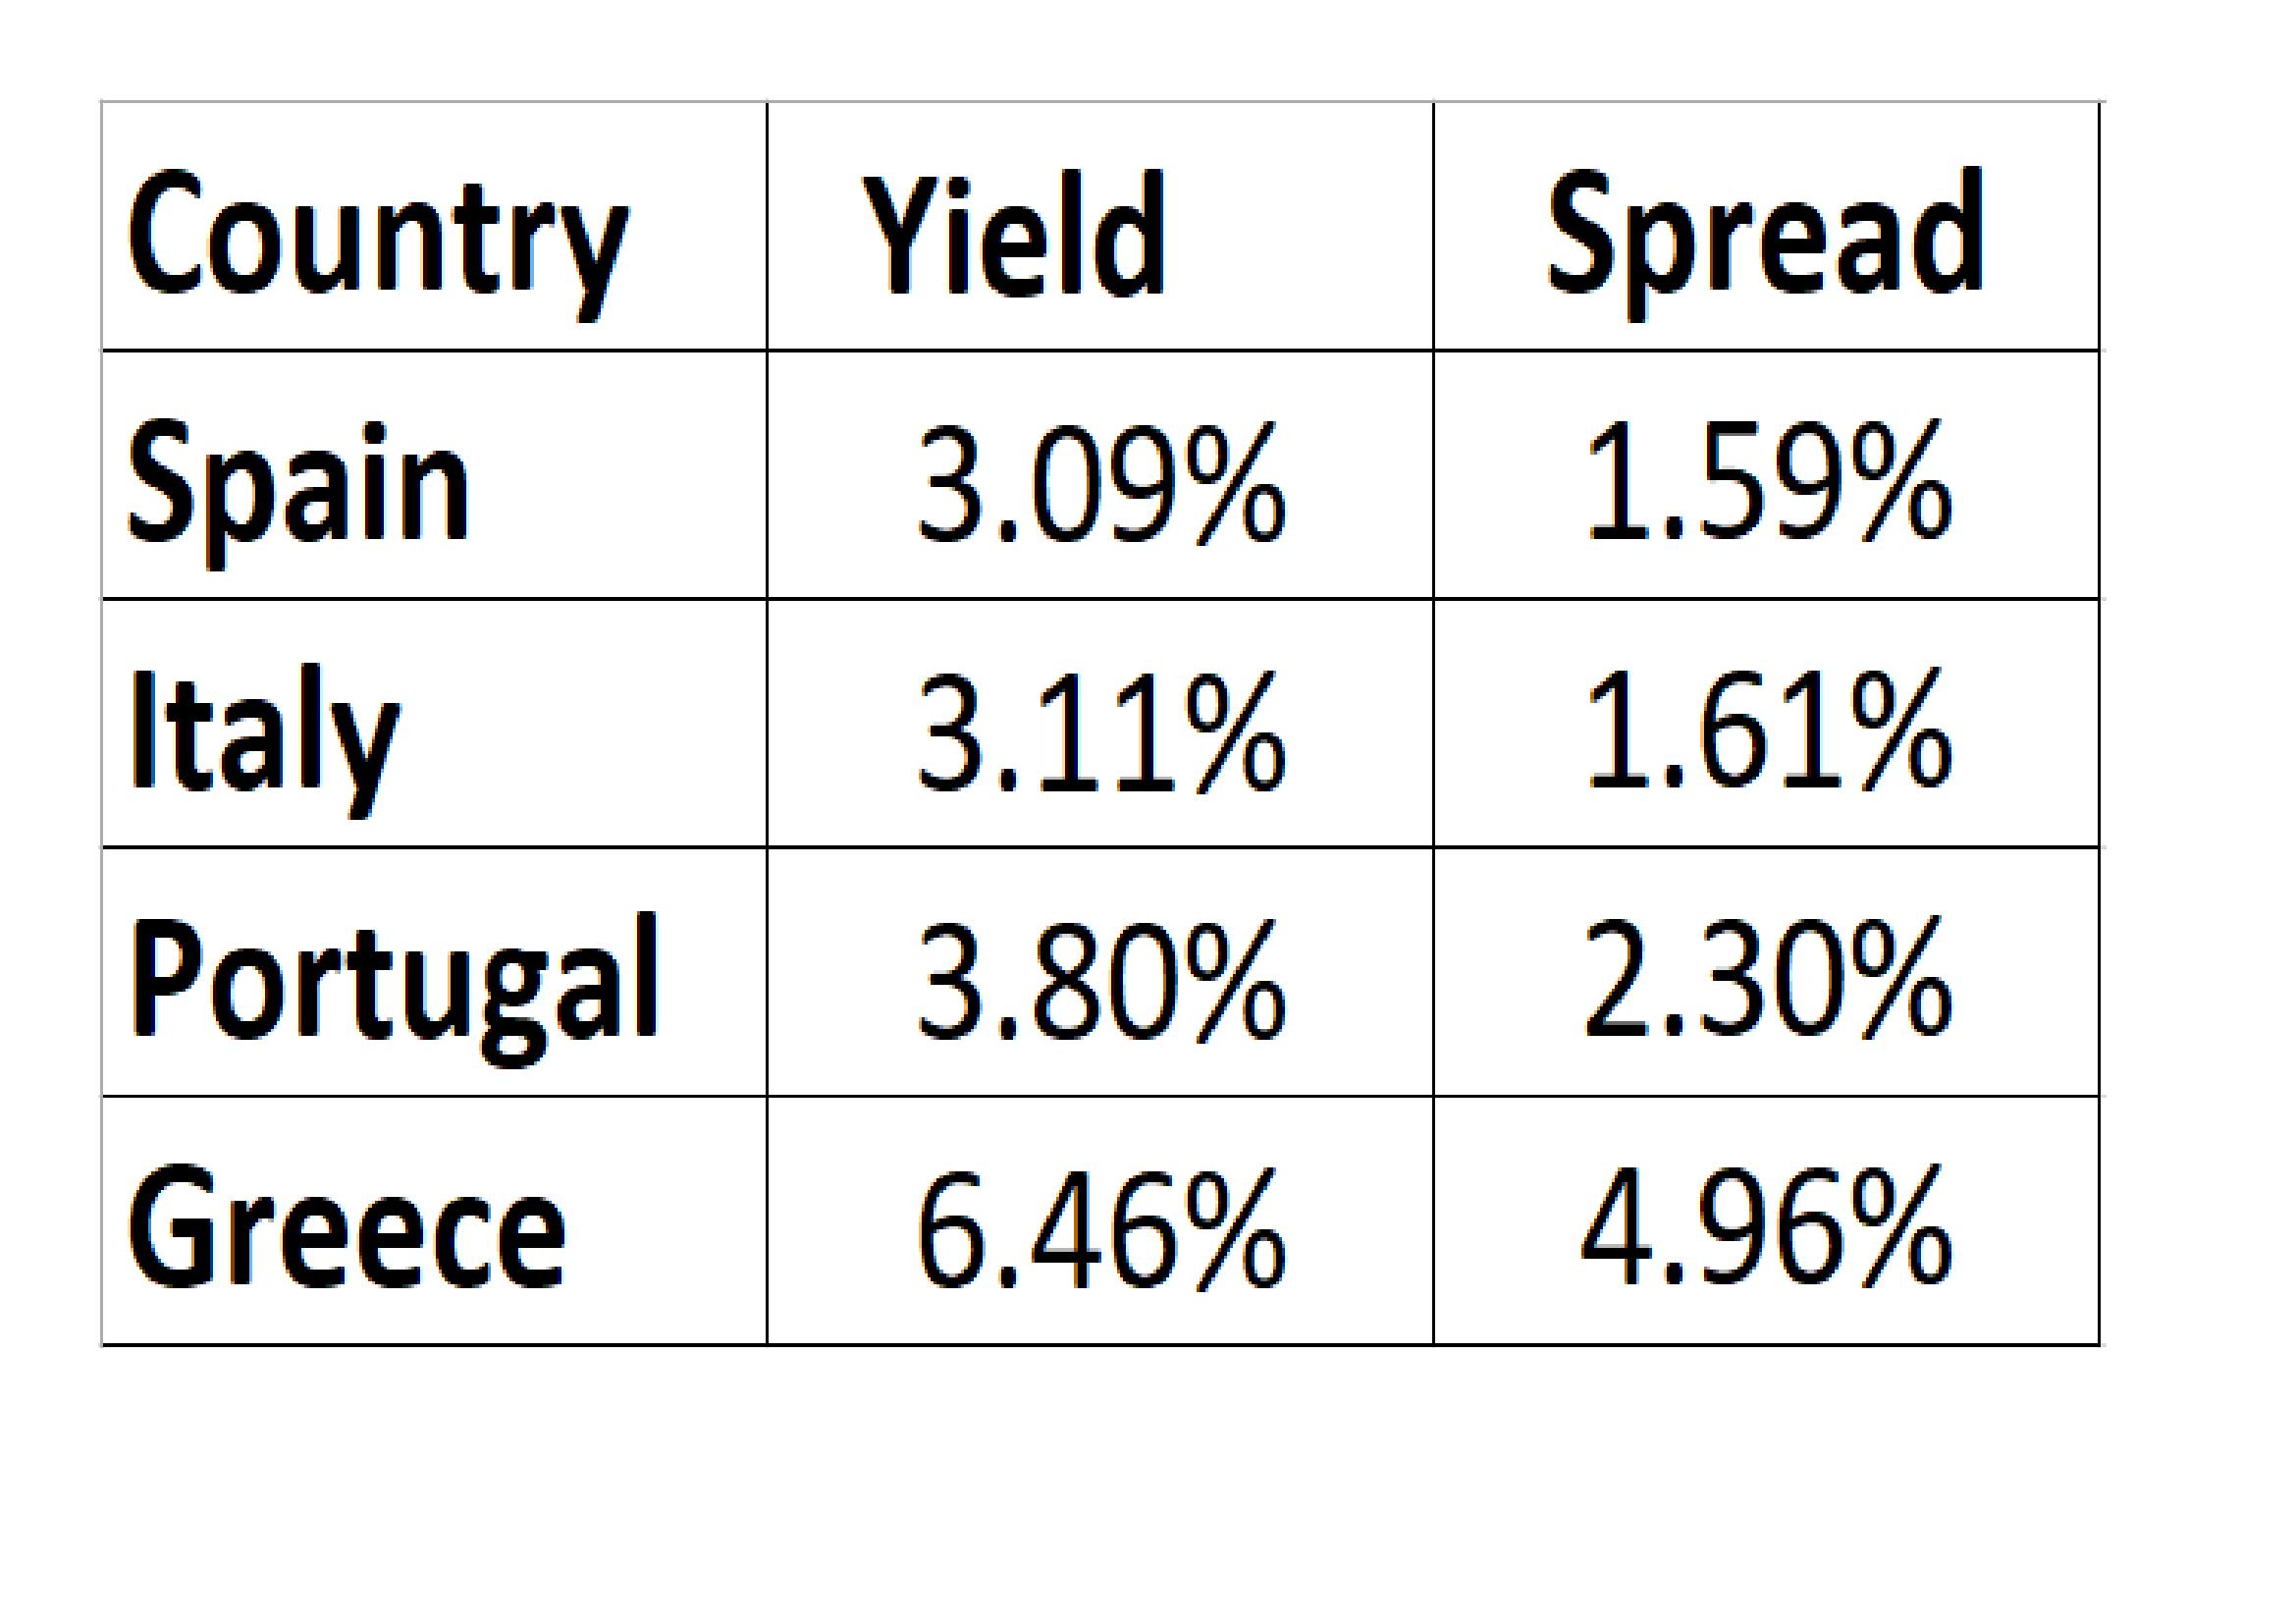 Spreads in April 2014